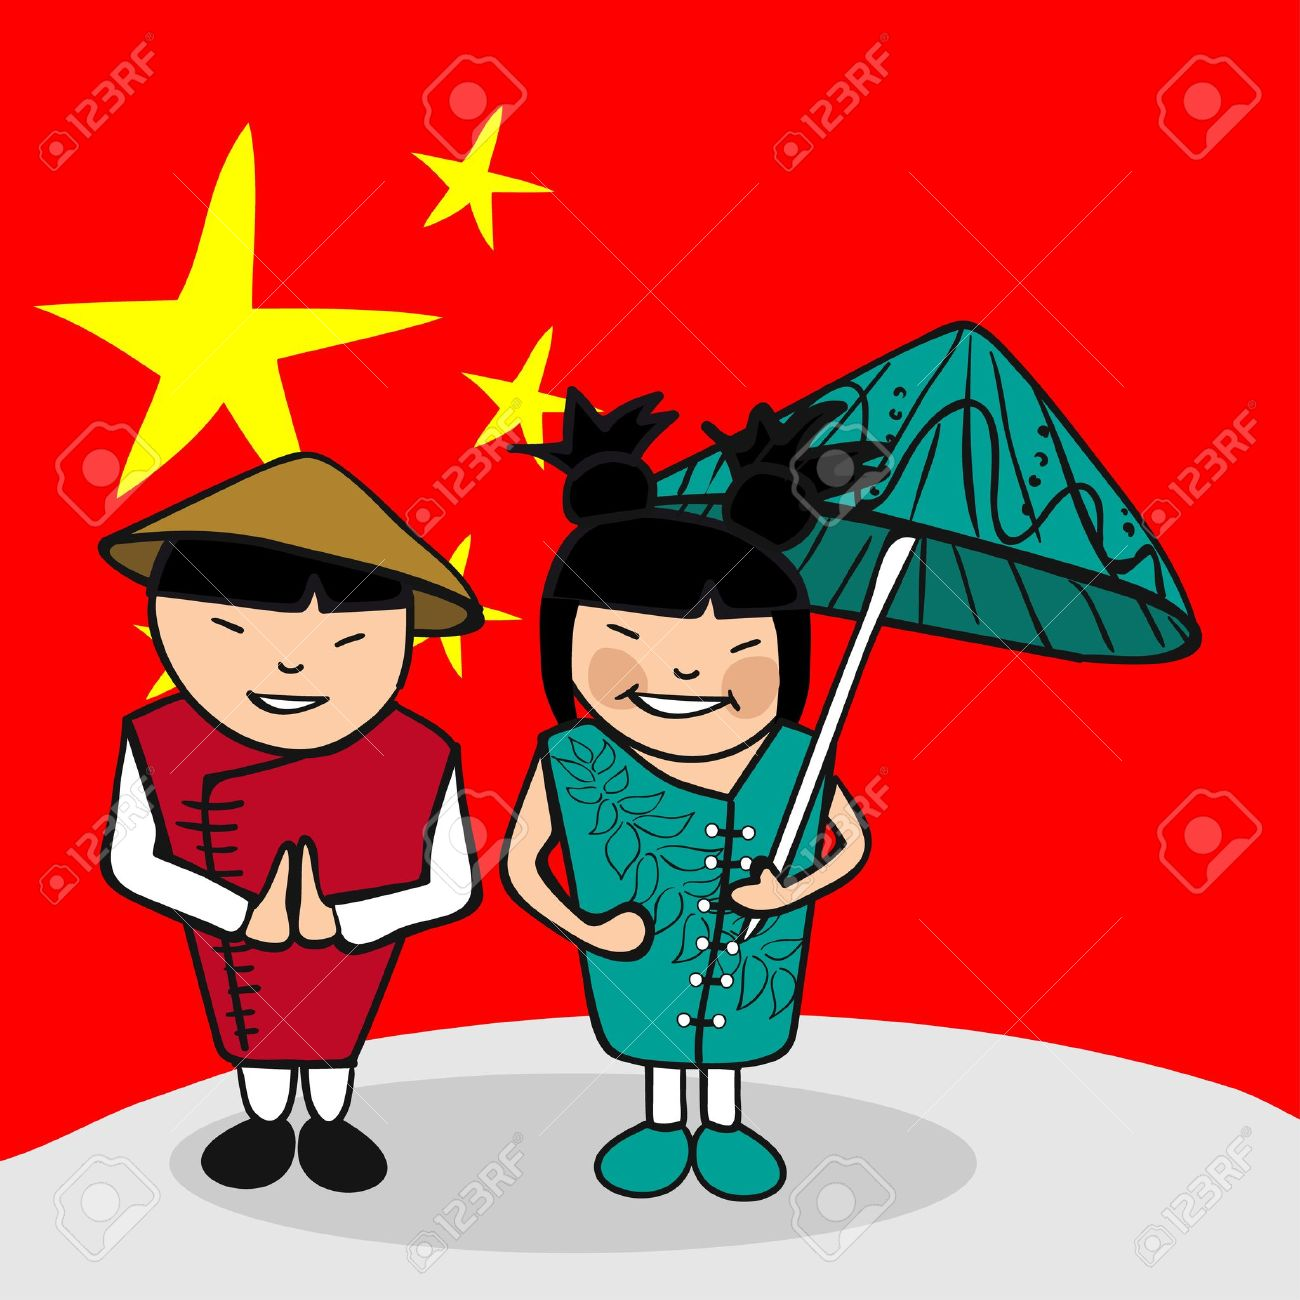 中国の男性と女性漫画のカップル国旗の背景を持つ。ベクトル イラスト